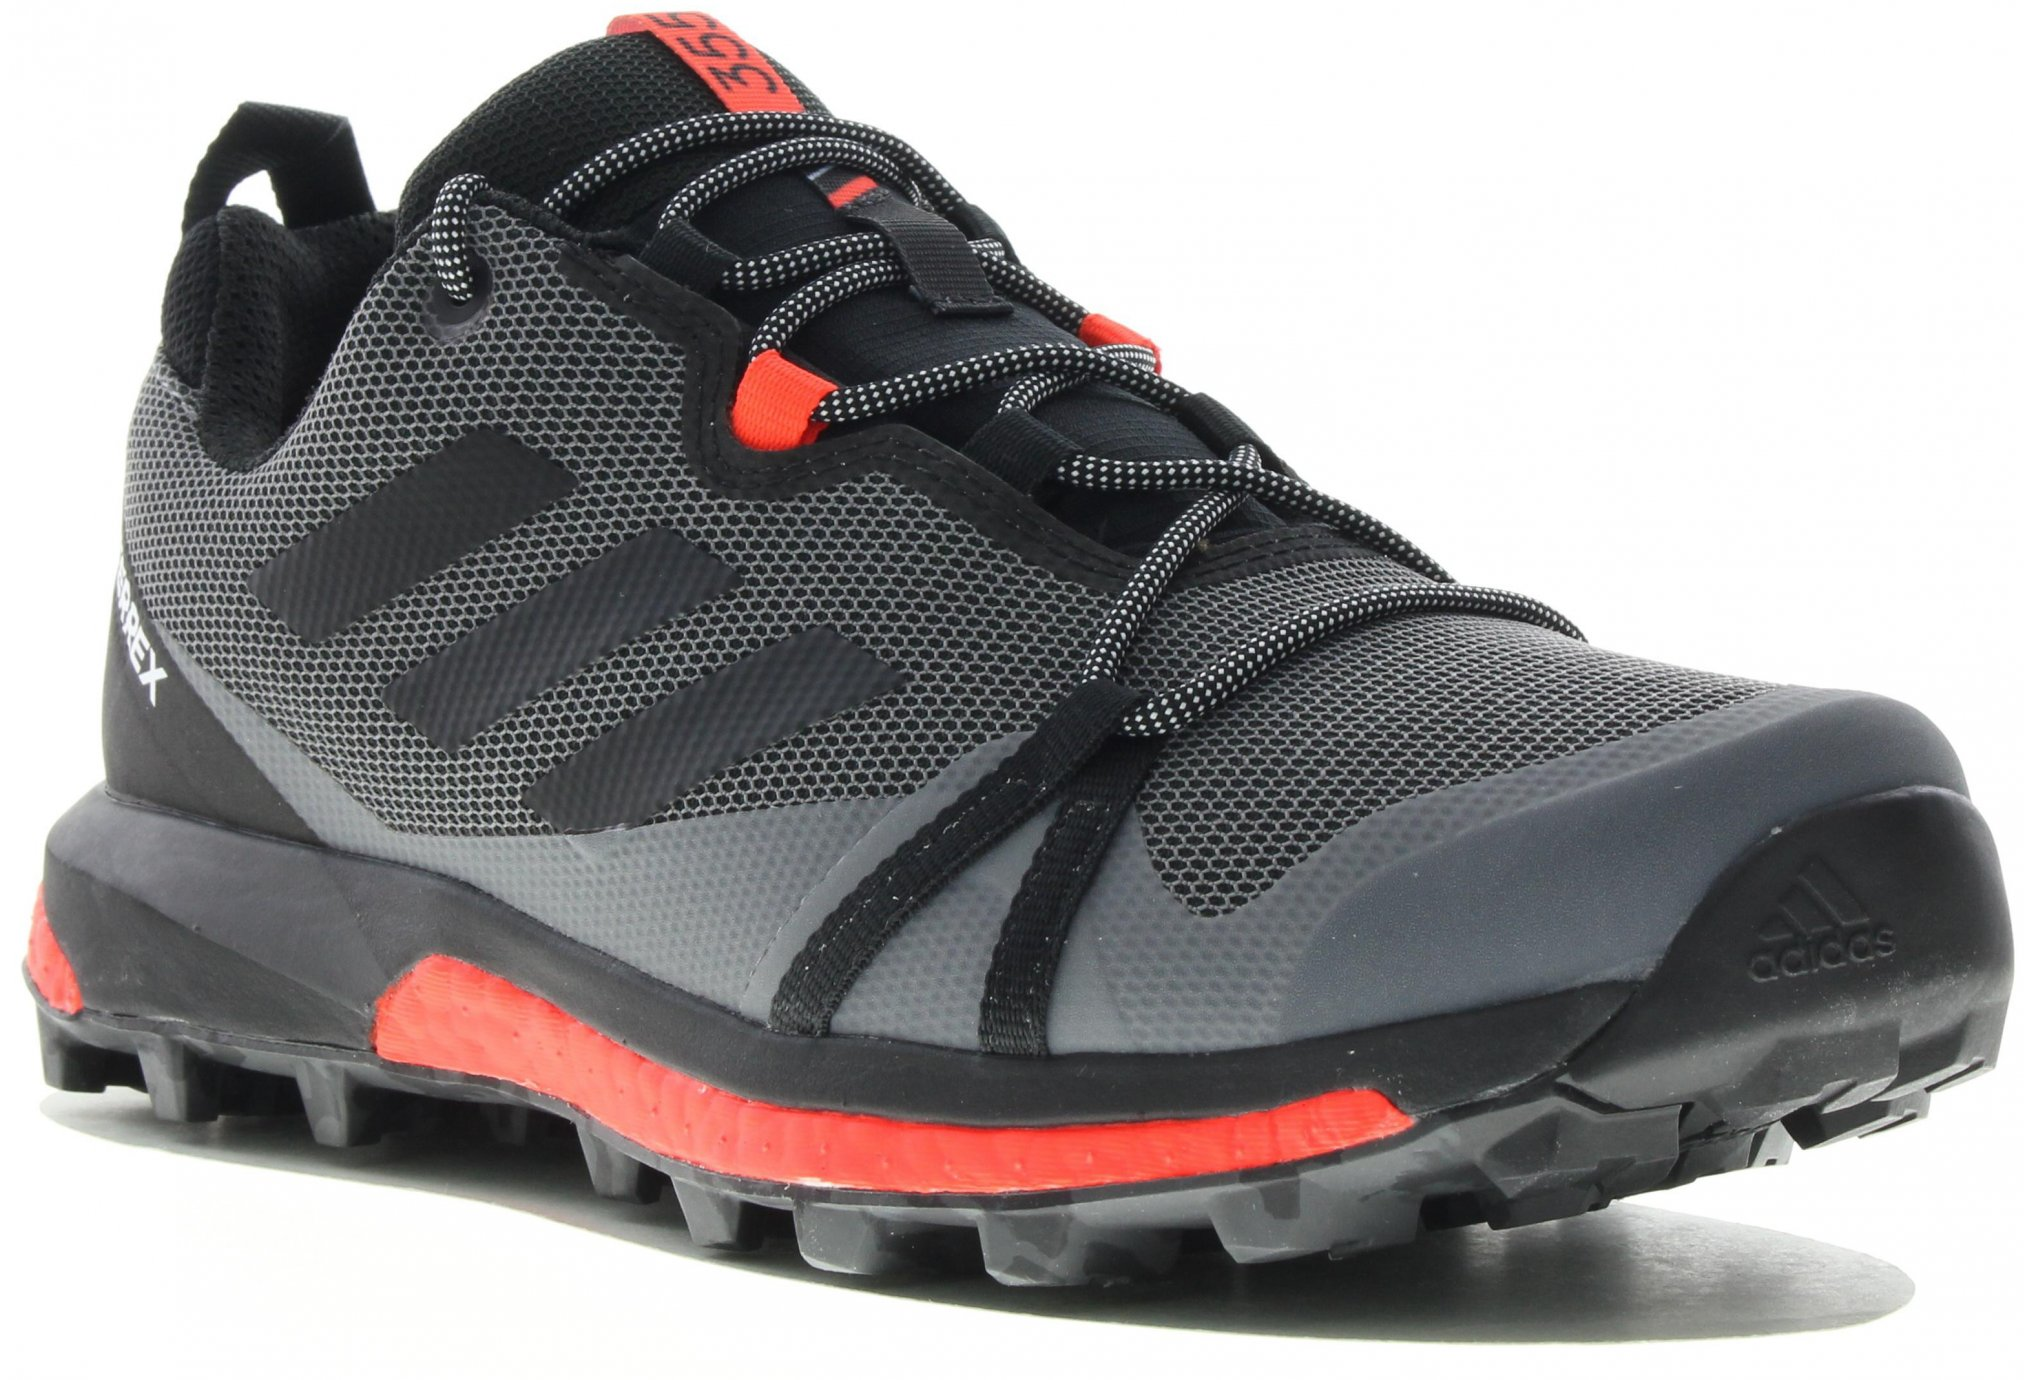 adidas Terrex Skychaser LT Gore-Tex Chaussures homme